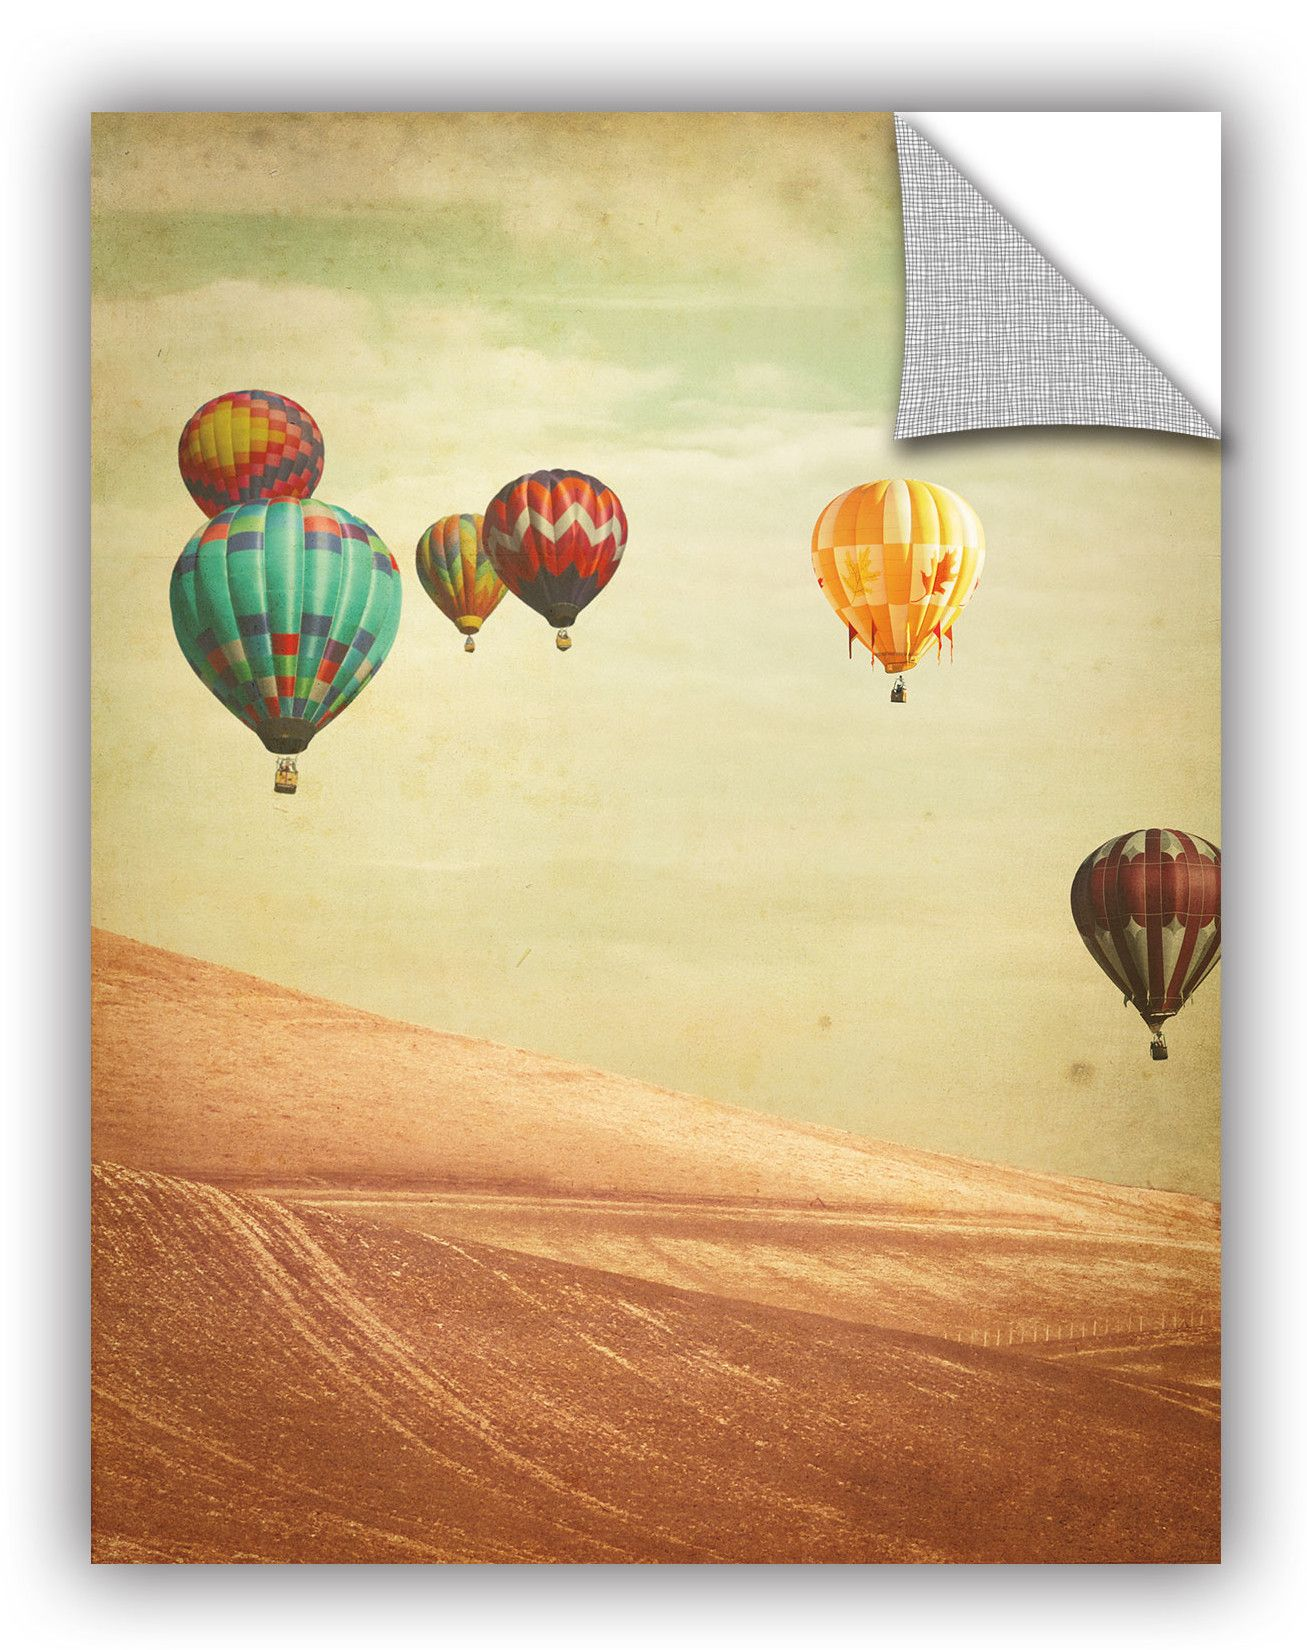 Keri Bevan Wanderers Wall Decal | Hot air balloons and Air balloon